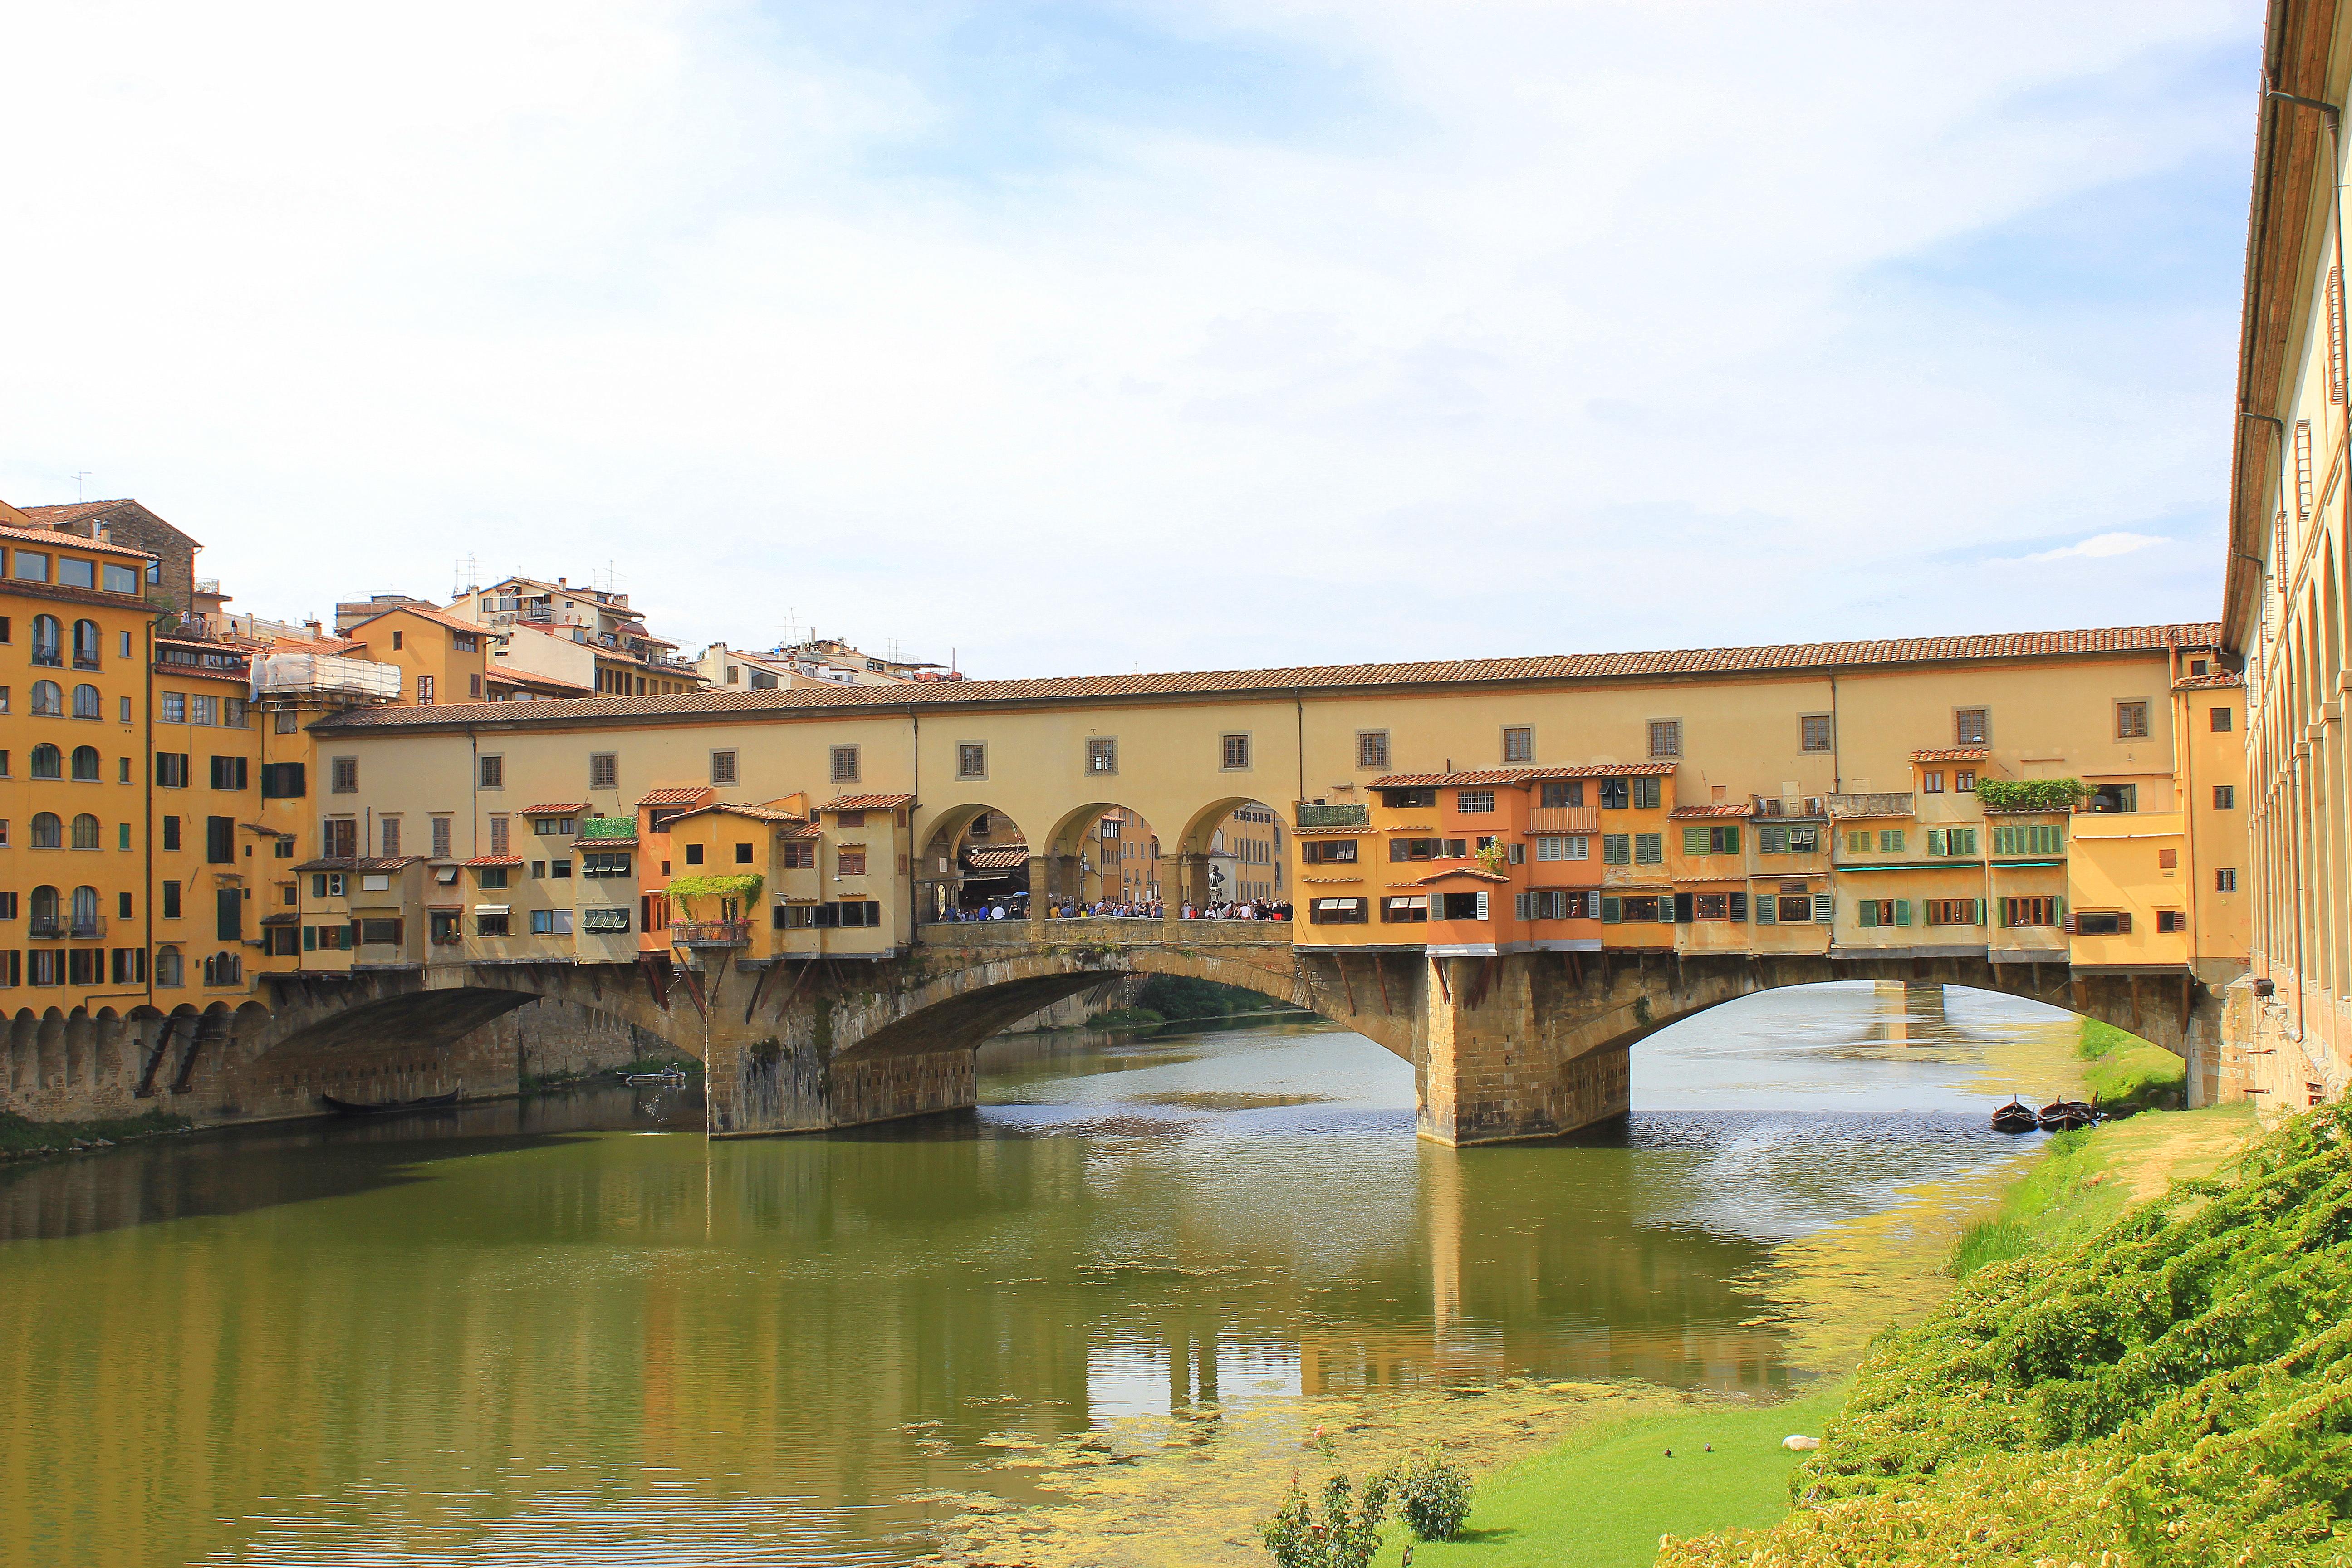 Archivo:Florencia 262.jpg - Wikipedia, la enciclopedia libre